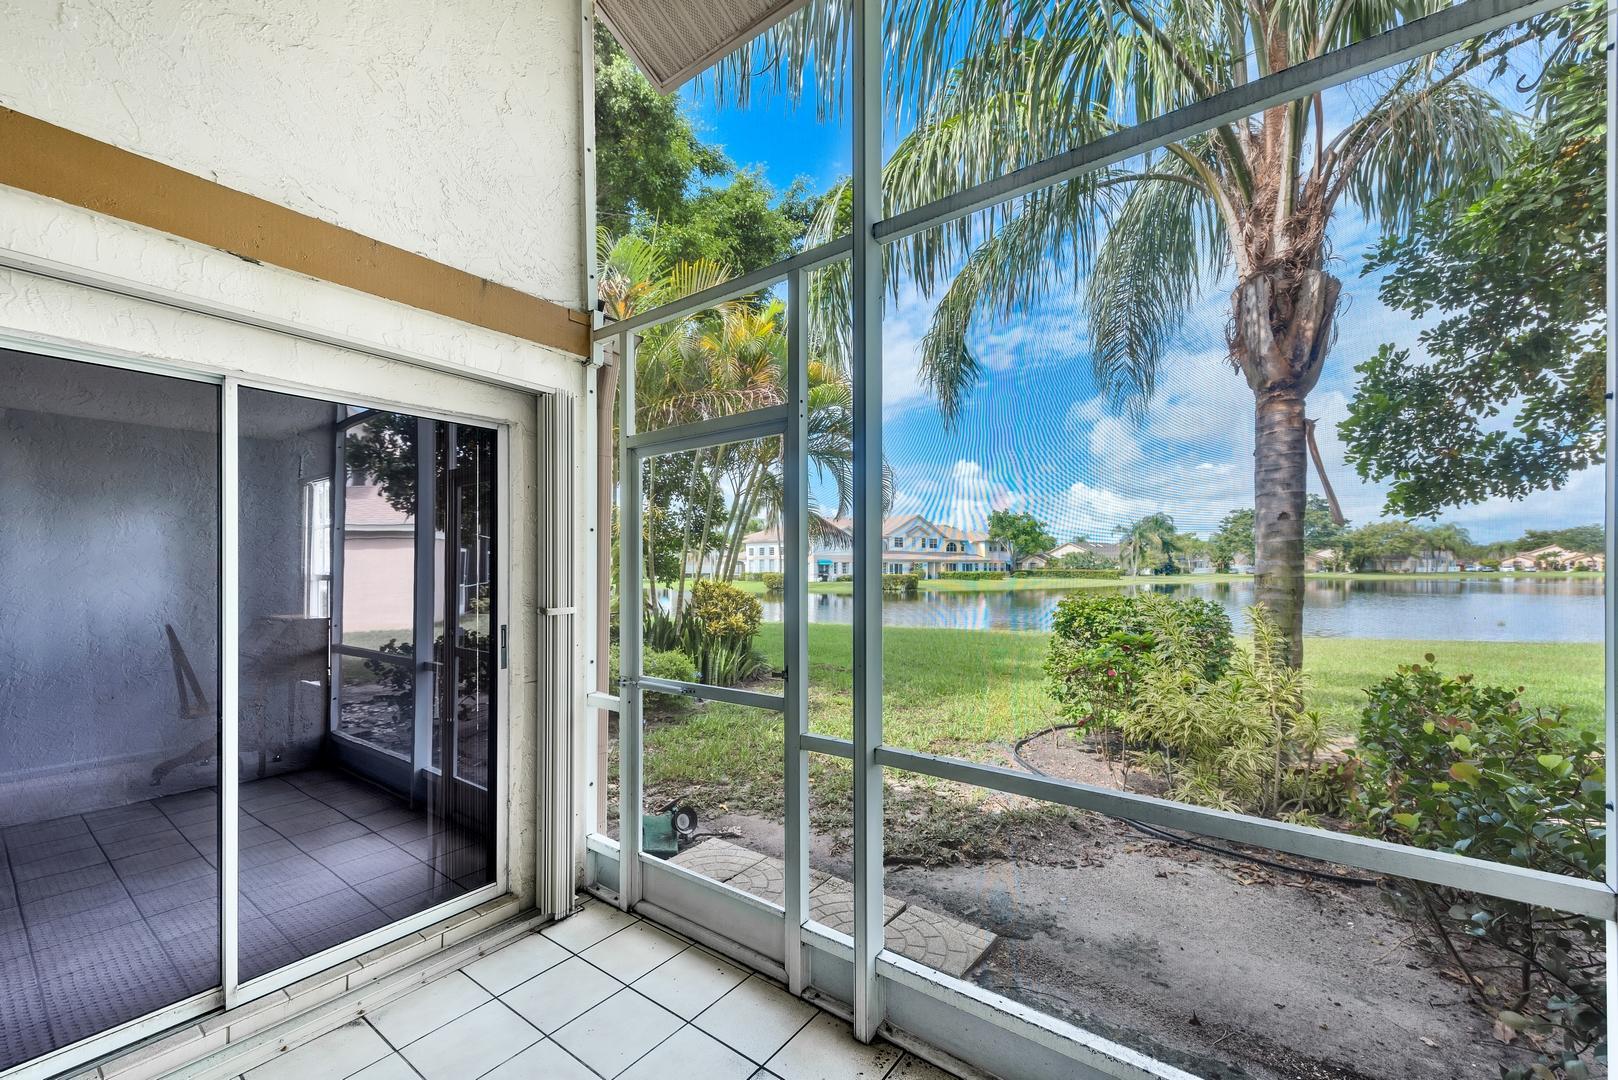 9226 Boca Gardens Parkway E, Boca Raton, FL 33496